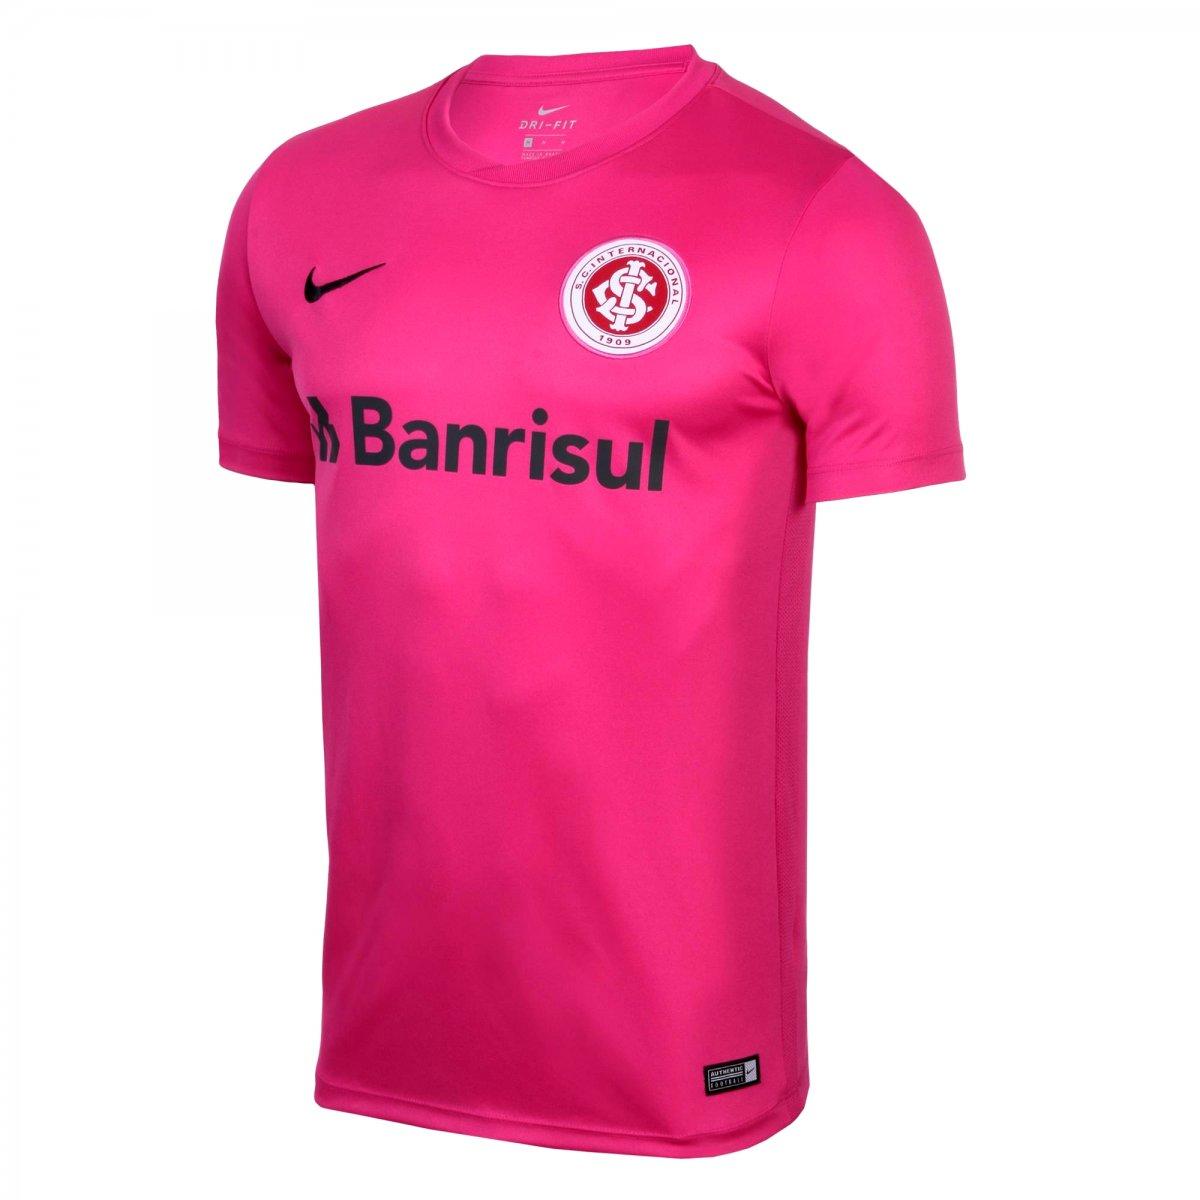 07f9da1739 Camiseta Masculina Nike Internacional Outubro Rosa AA1081-616 Rosa